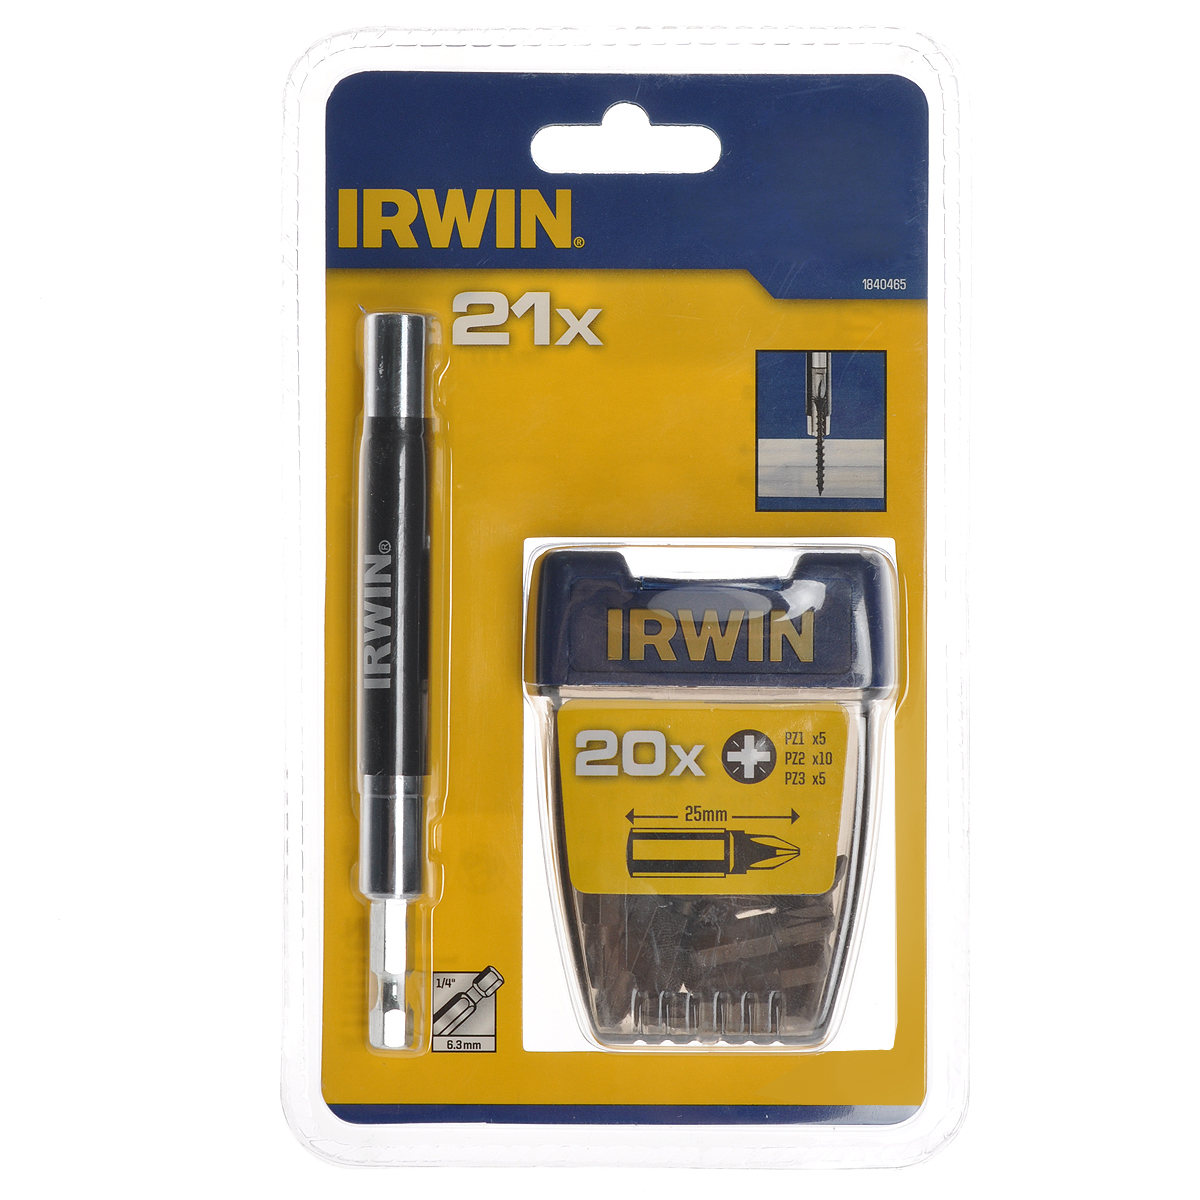 Набор бит с магнитным держателем Irwin, 1/4, 21 предмет1840465Набор бит с магнитным держателем Irwin предназначен для монтажа/демонтажа резьбовых соединений. Магнитный держатель имеет пружину для удобства закручивания шурупов.В набор входят биты крестовые РZ1 - 5 шт, РZ2 - 10 шт, РZ3 - 5 шт, магнитный держатель 1/4длиной 12 см.